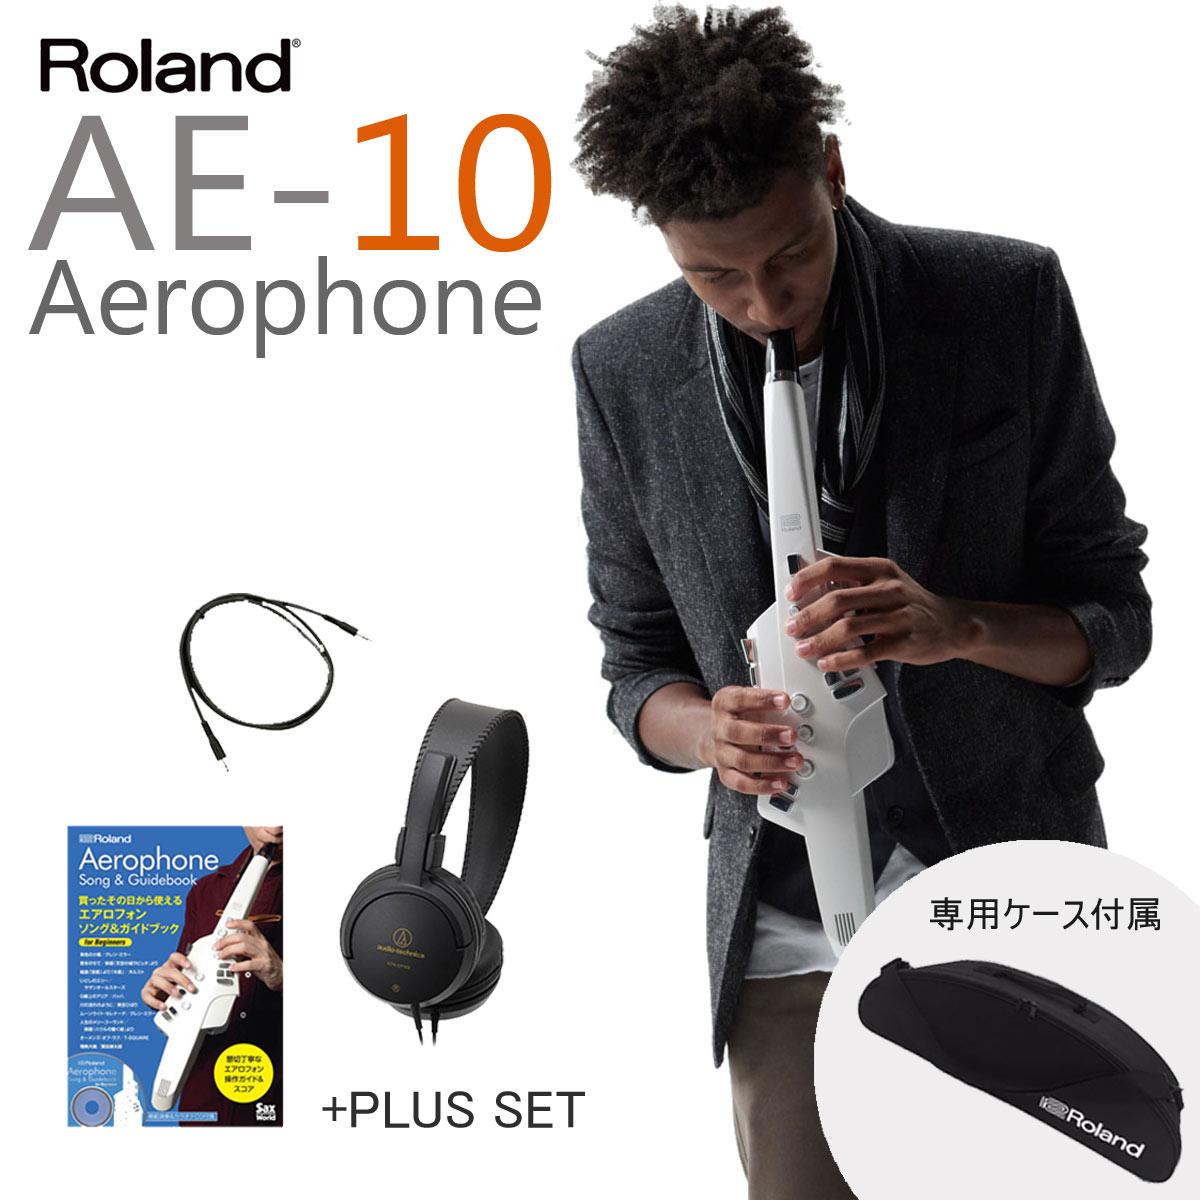 【在庫あり】Roland ローランド / Aerophone AE-10 エアロフォン デジタル管楽器 【オリジナルサイレント練習セット】【送料無料】